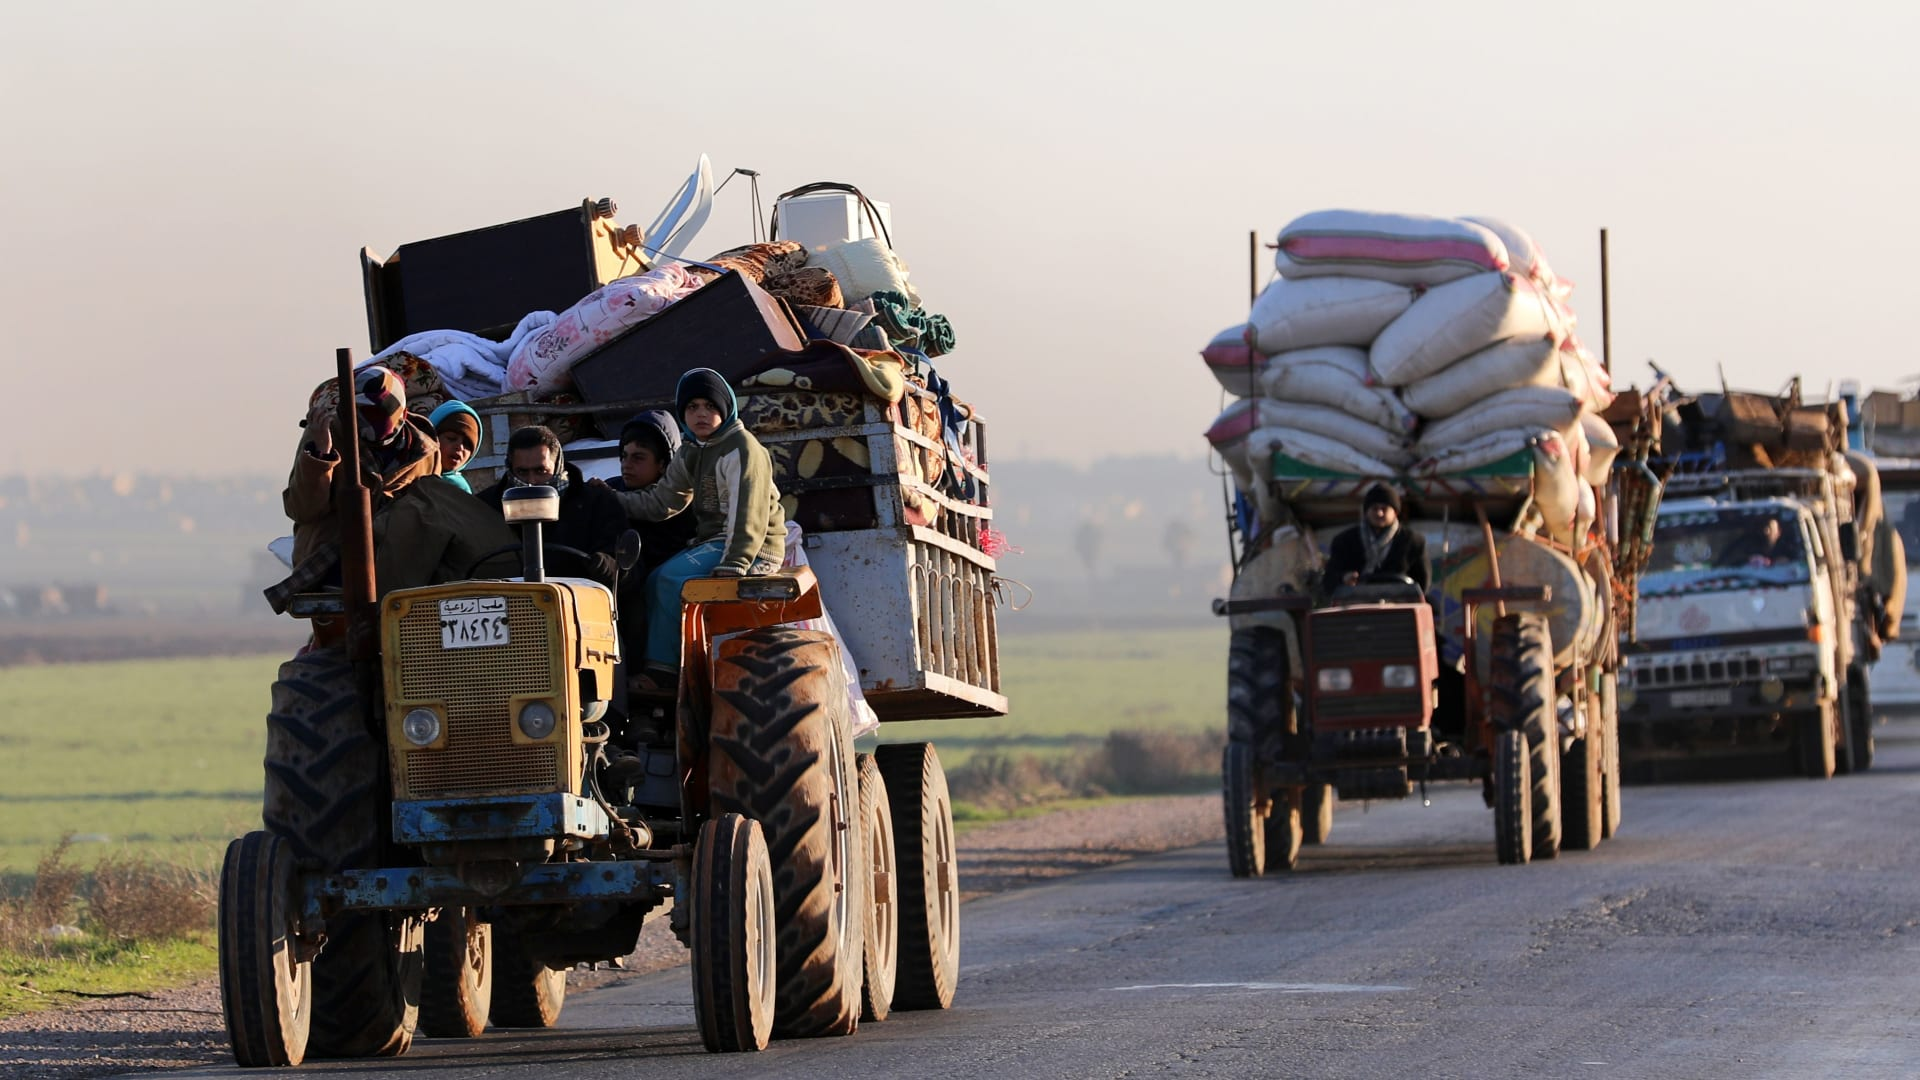 تركيا تطالب روسيا وإيران بوقف هجوم الأسد على إدلب